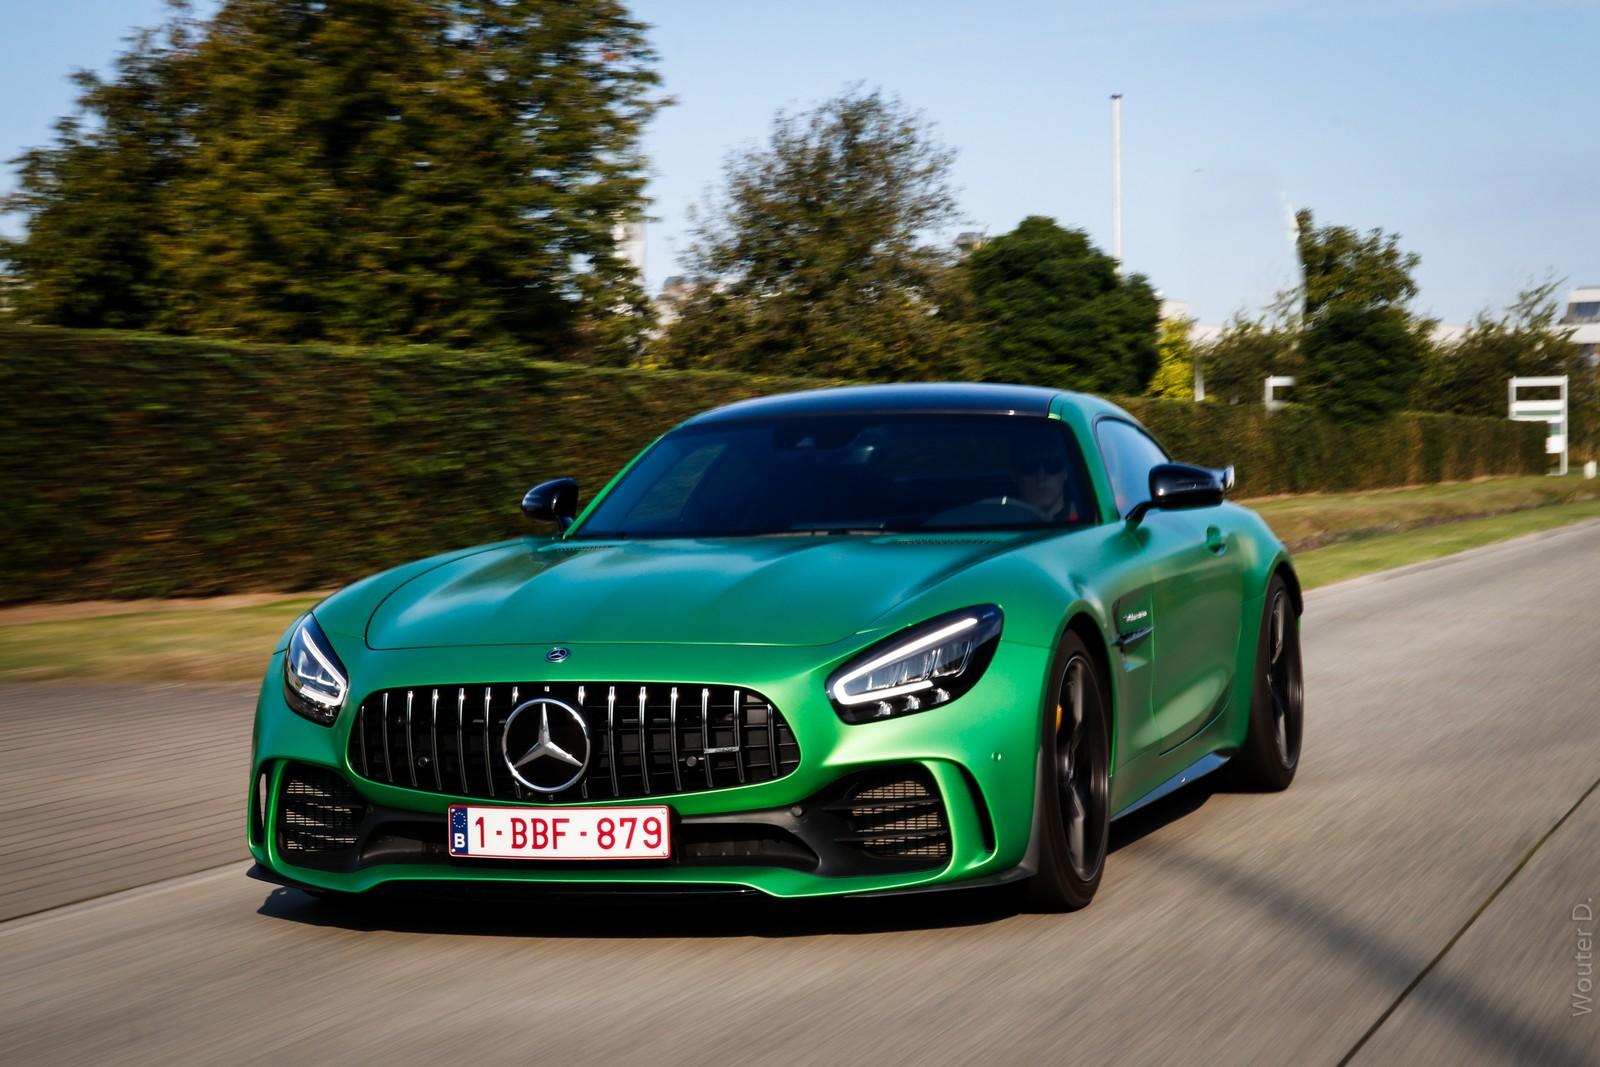 Green Mercedes AMG GT-R